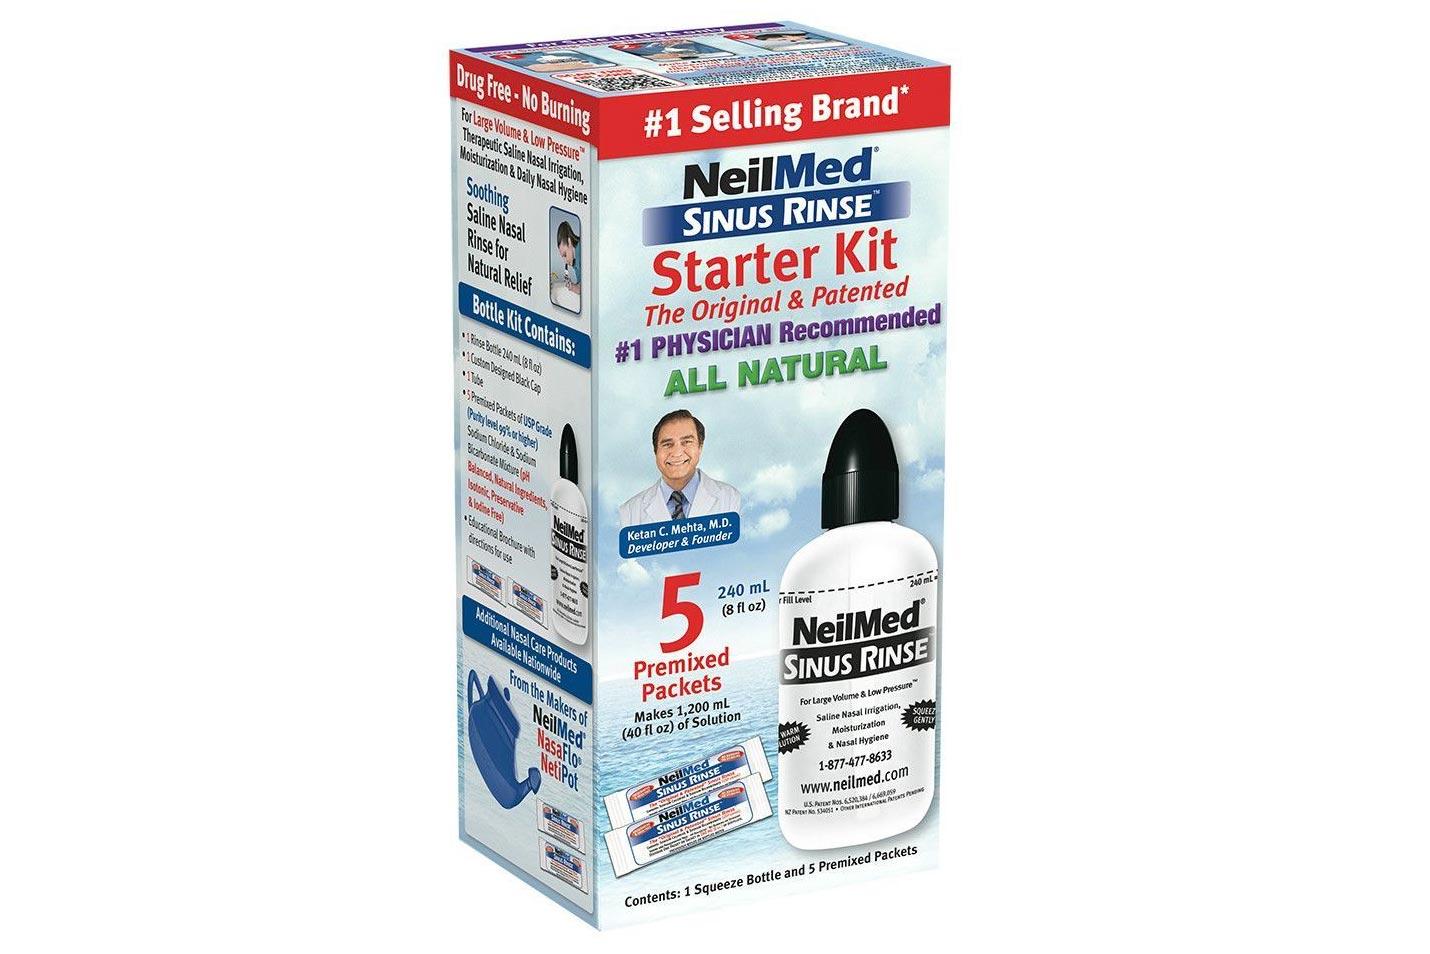 Neilmed Sinus Rinse Starter Kit box